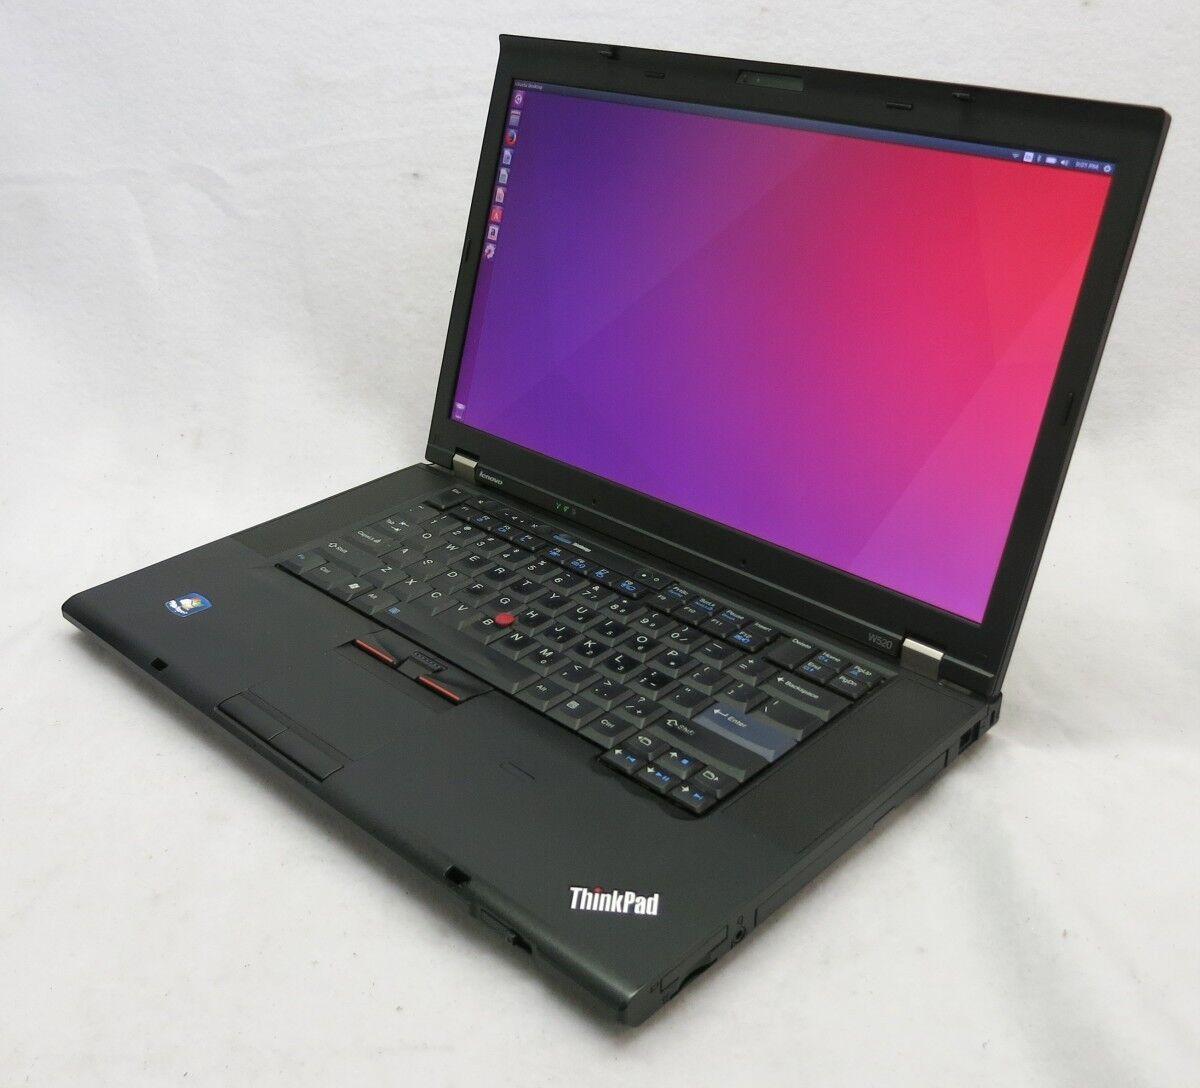 """ThinkPad W520 15.6"""" i7 2720QM 2.2 12GB Quadro 2000 256GB SSD Linux Laptop #25"""